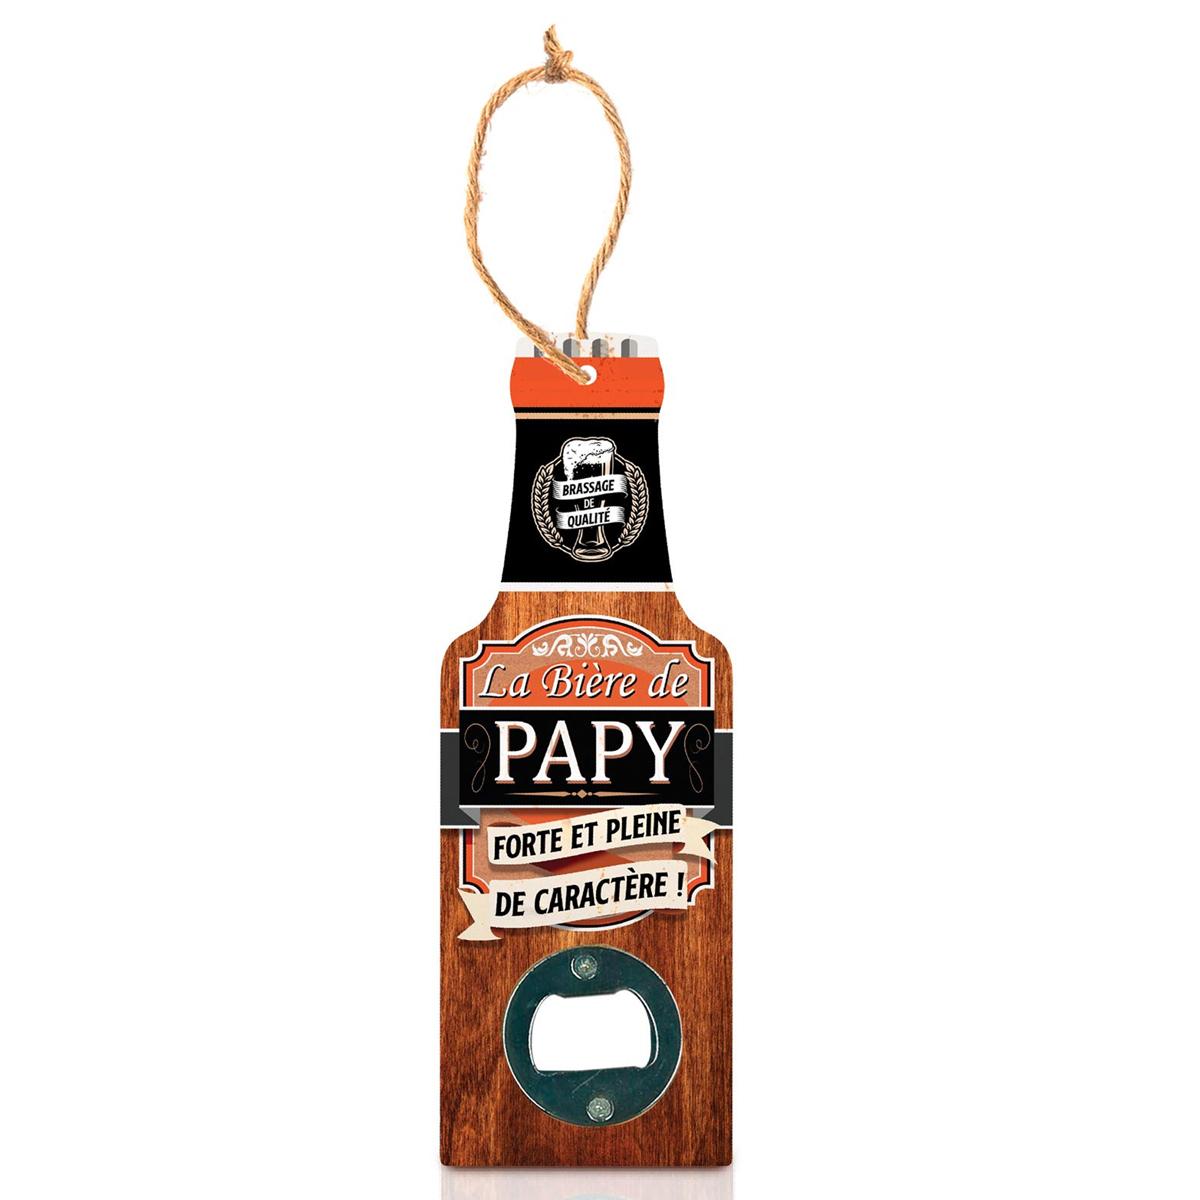 Décapsuleur humoristique bois \'Bouteille\' (La bière de Papy, forte et pleine de caractère !) - 20x7 cm - [A1598]